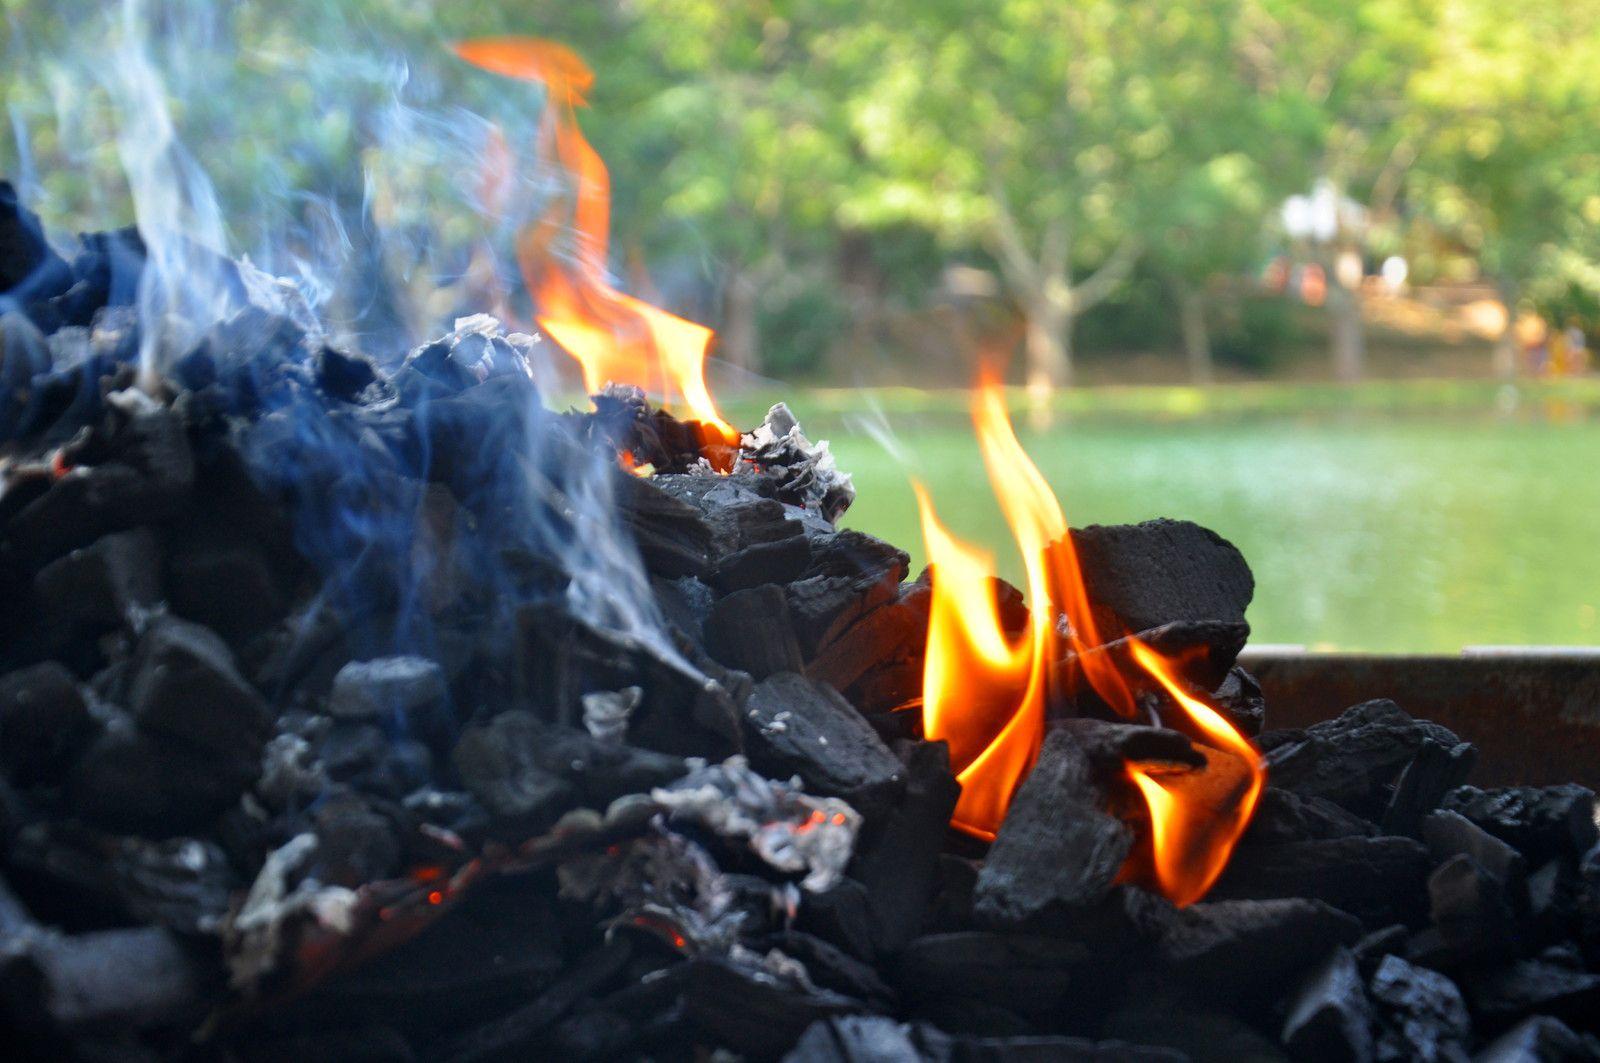 Le feu est allumé.